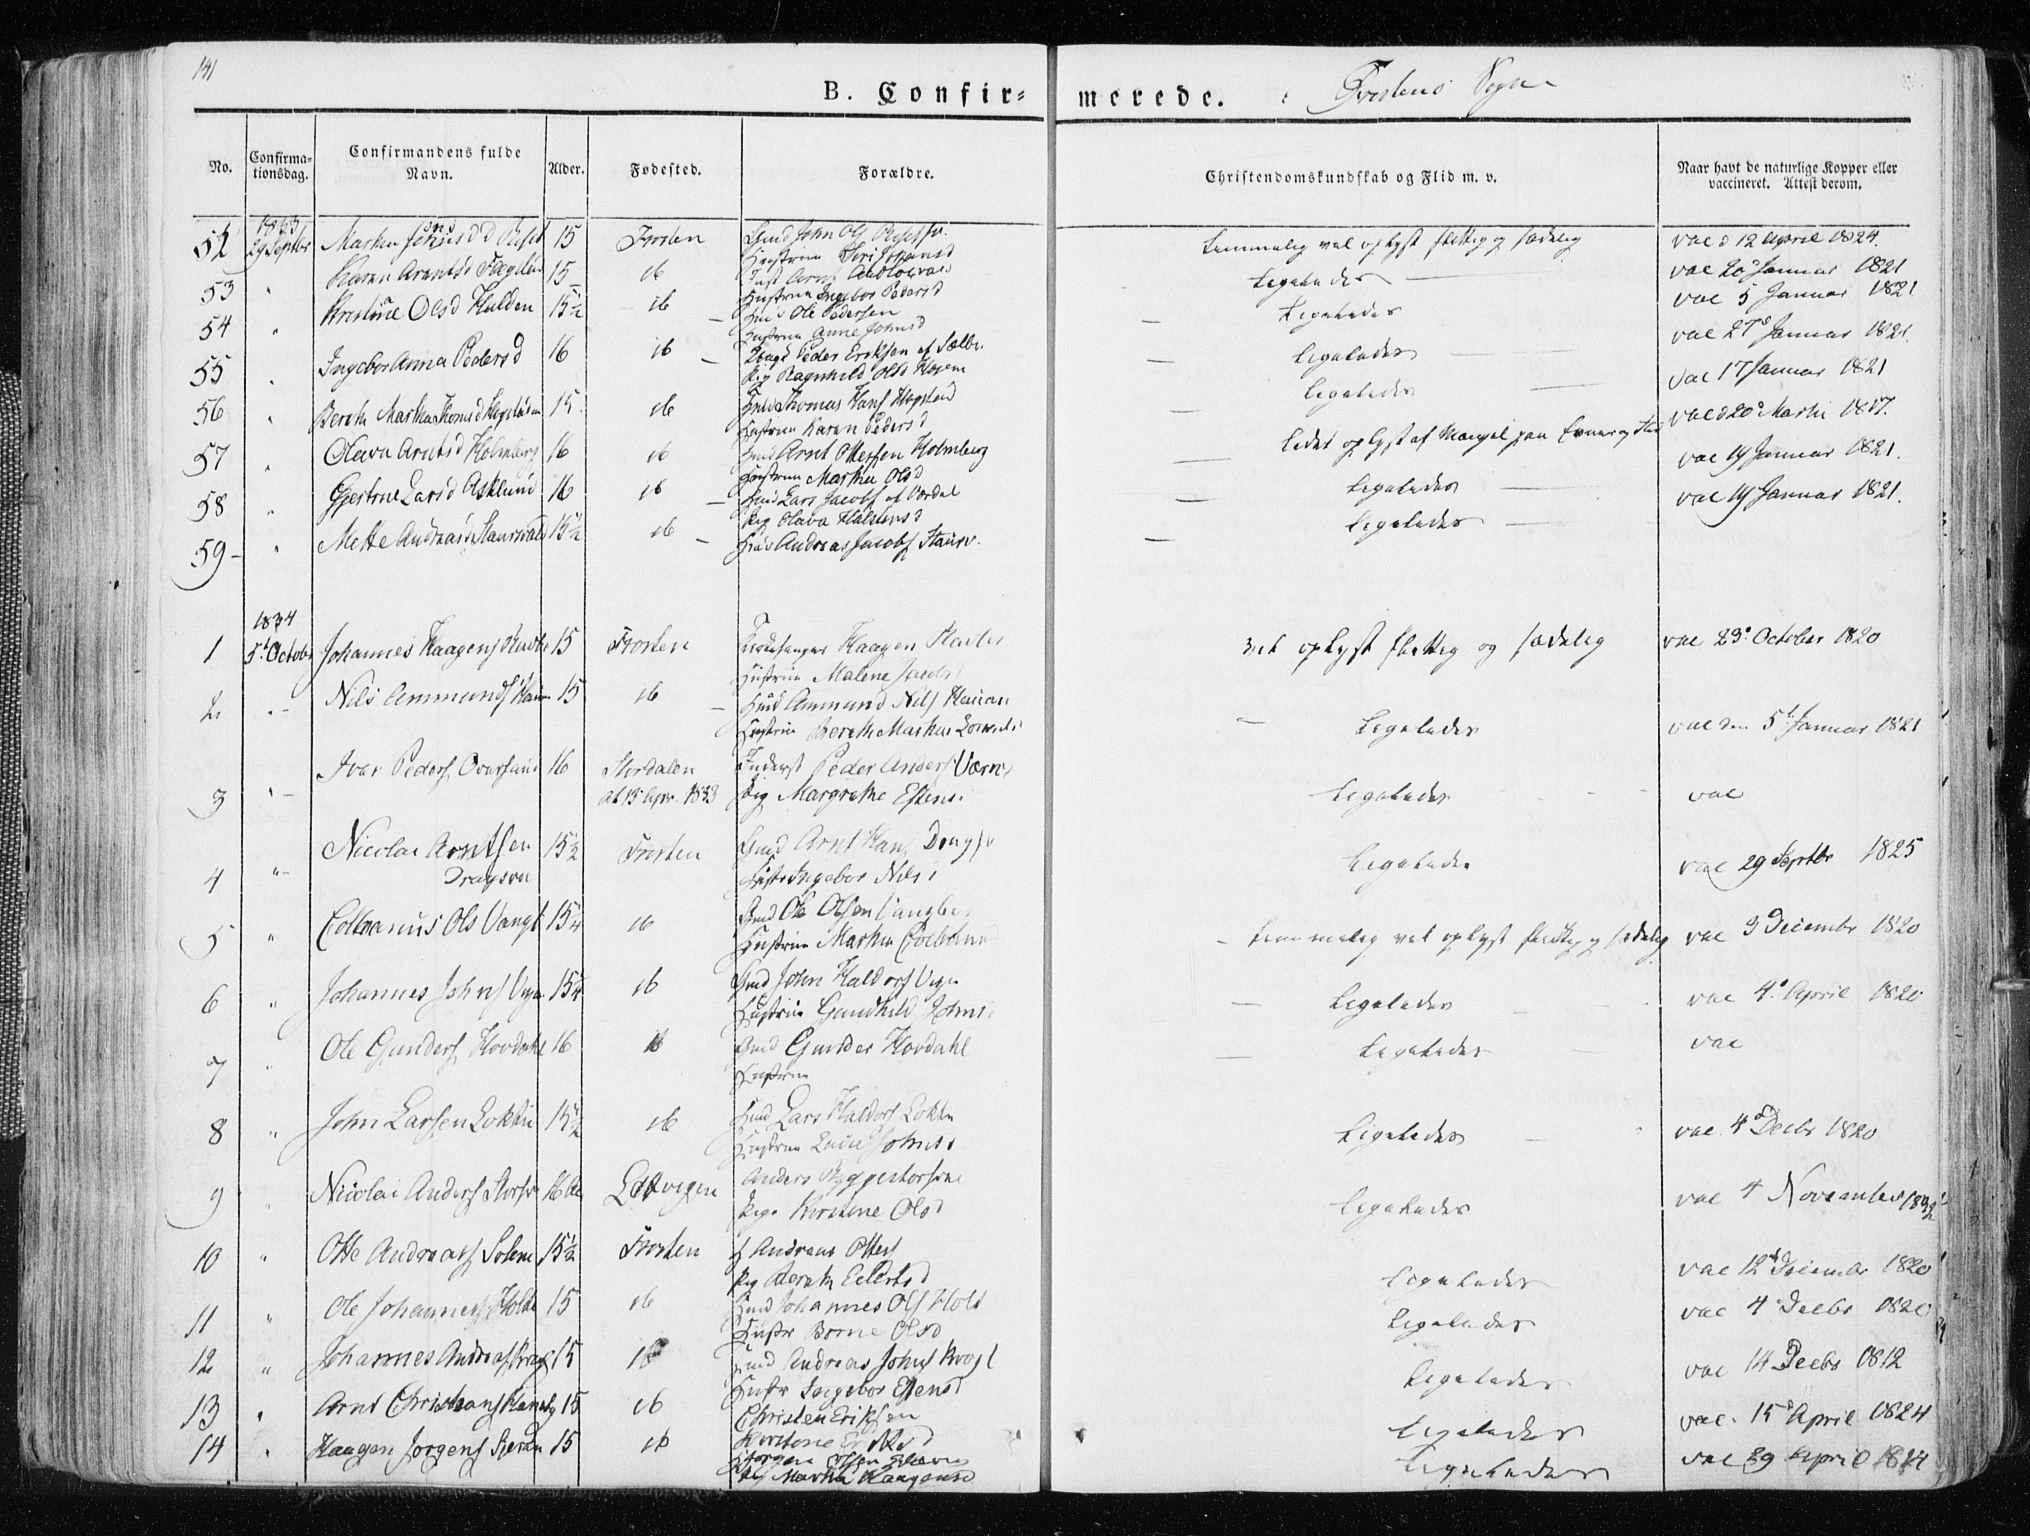 SAT, Ministerialprotokoller, klokkerbøker og fødselsregistre - Nord-Trøndelag, 713/L0114: Ministerialbok nr. 713A05, 1827-1839, s. 141